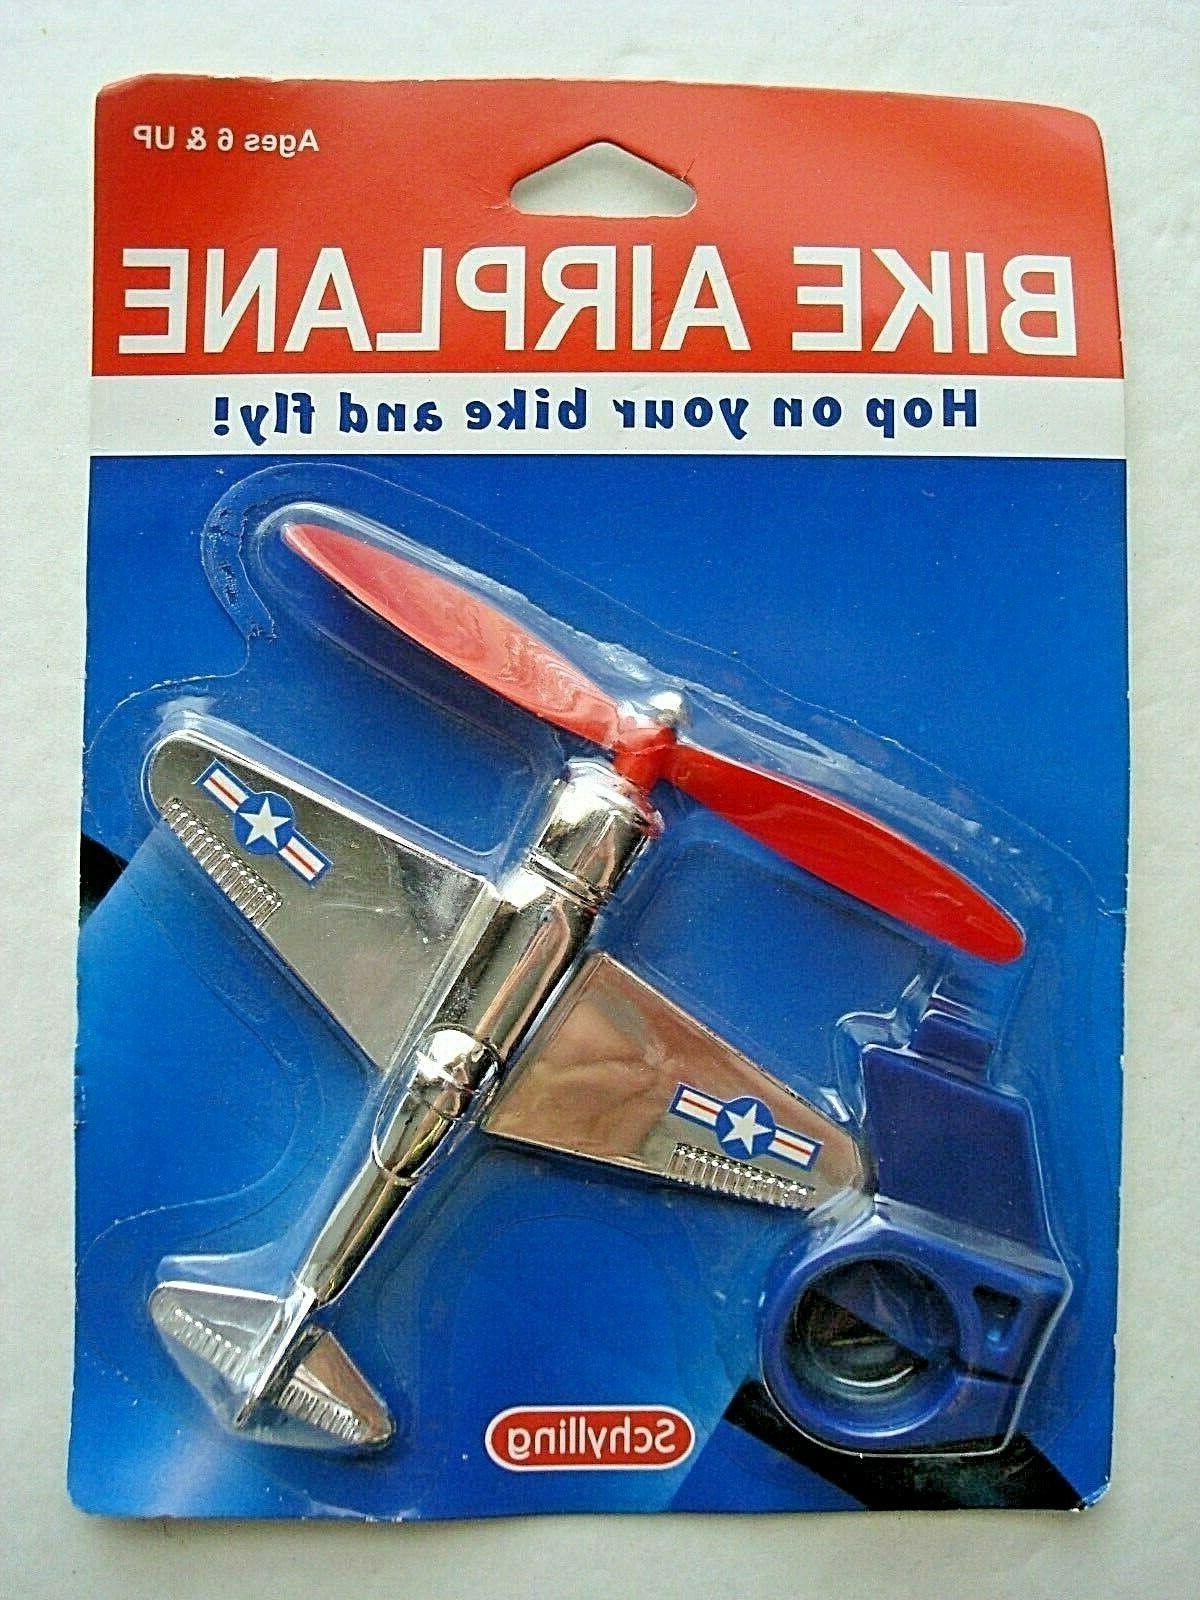 new kids bike airplane handlebar accessory